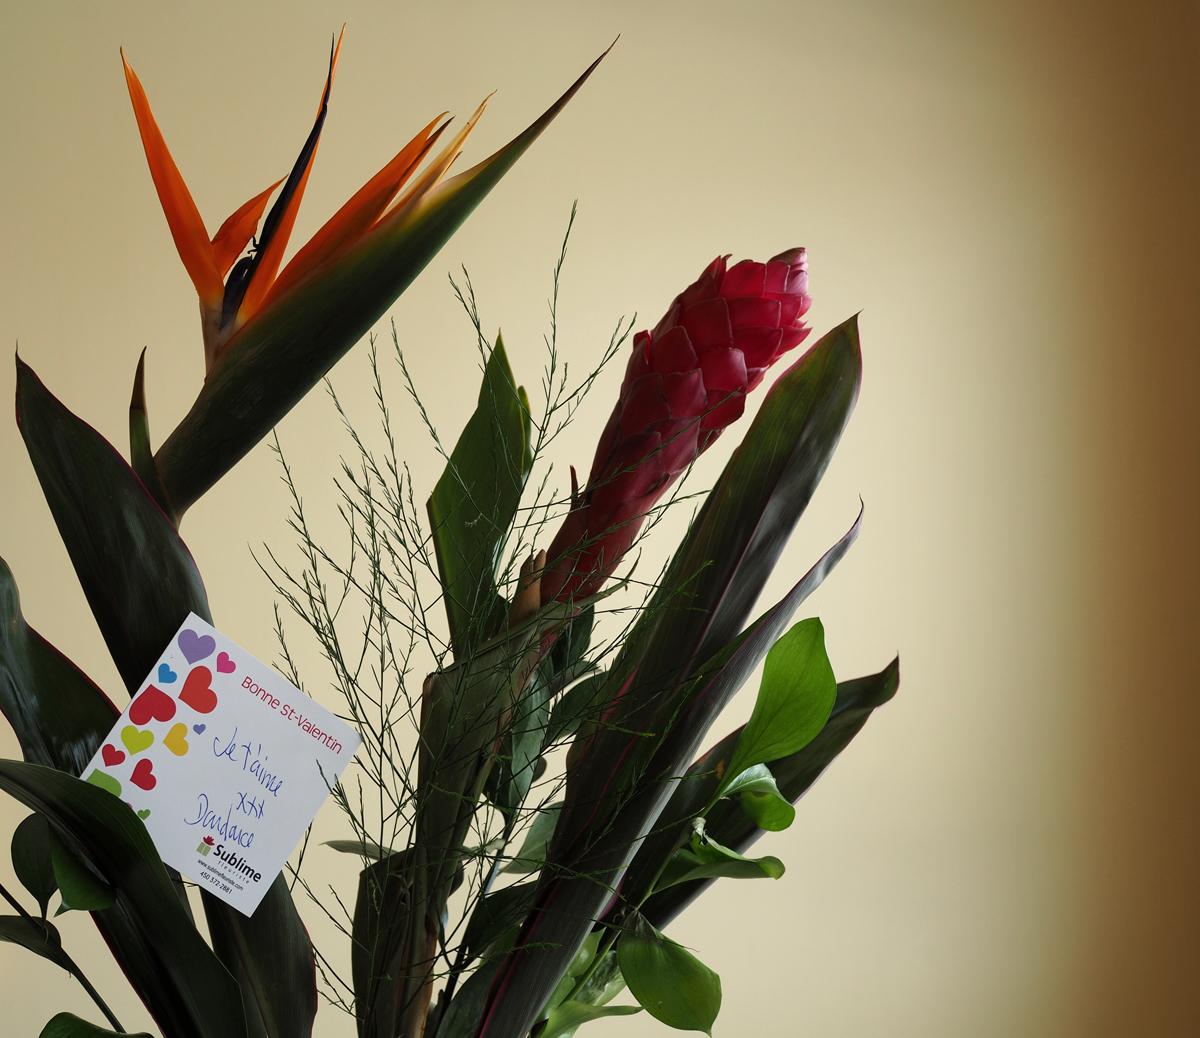 ELLE m'offre des fleurs… - SHE gives me flowers…